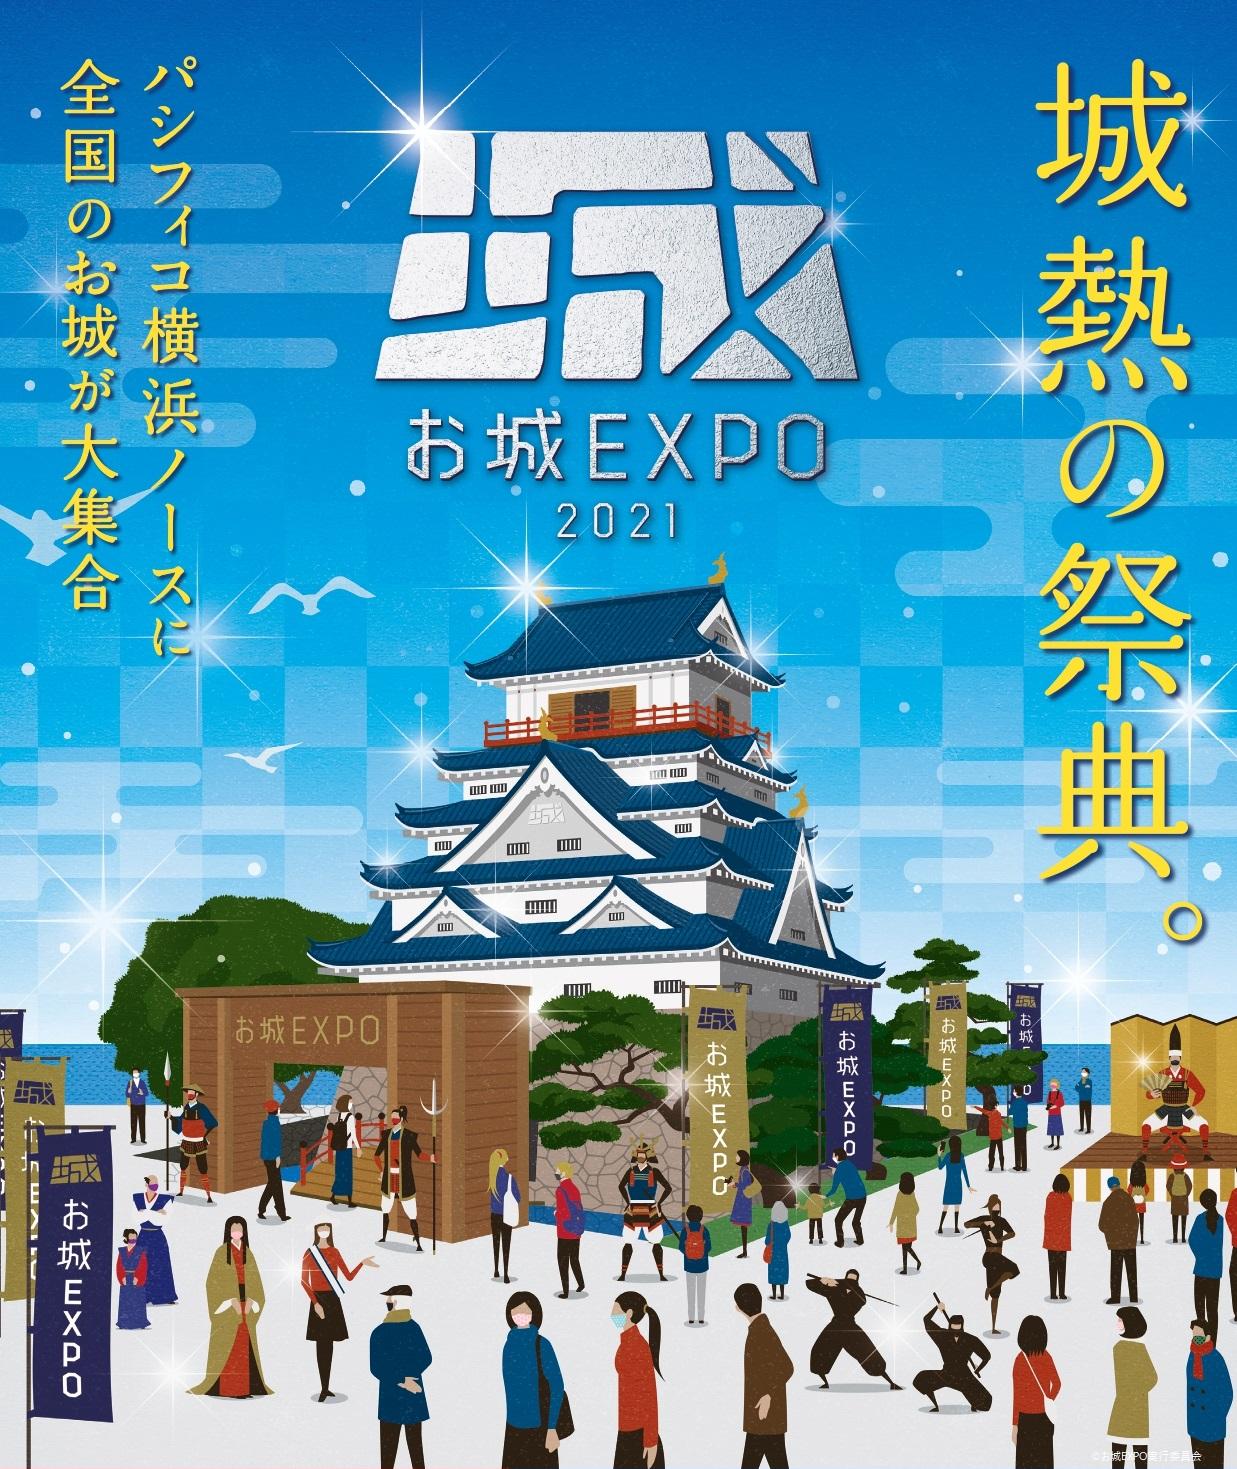 ▲お城EXPO 2020 メインビジュアル